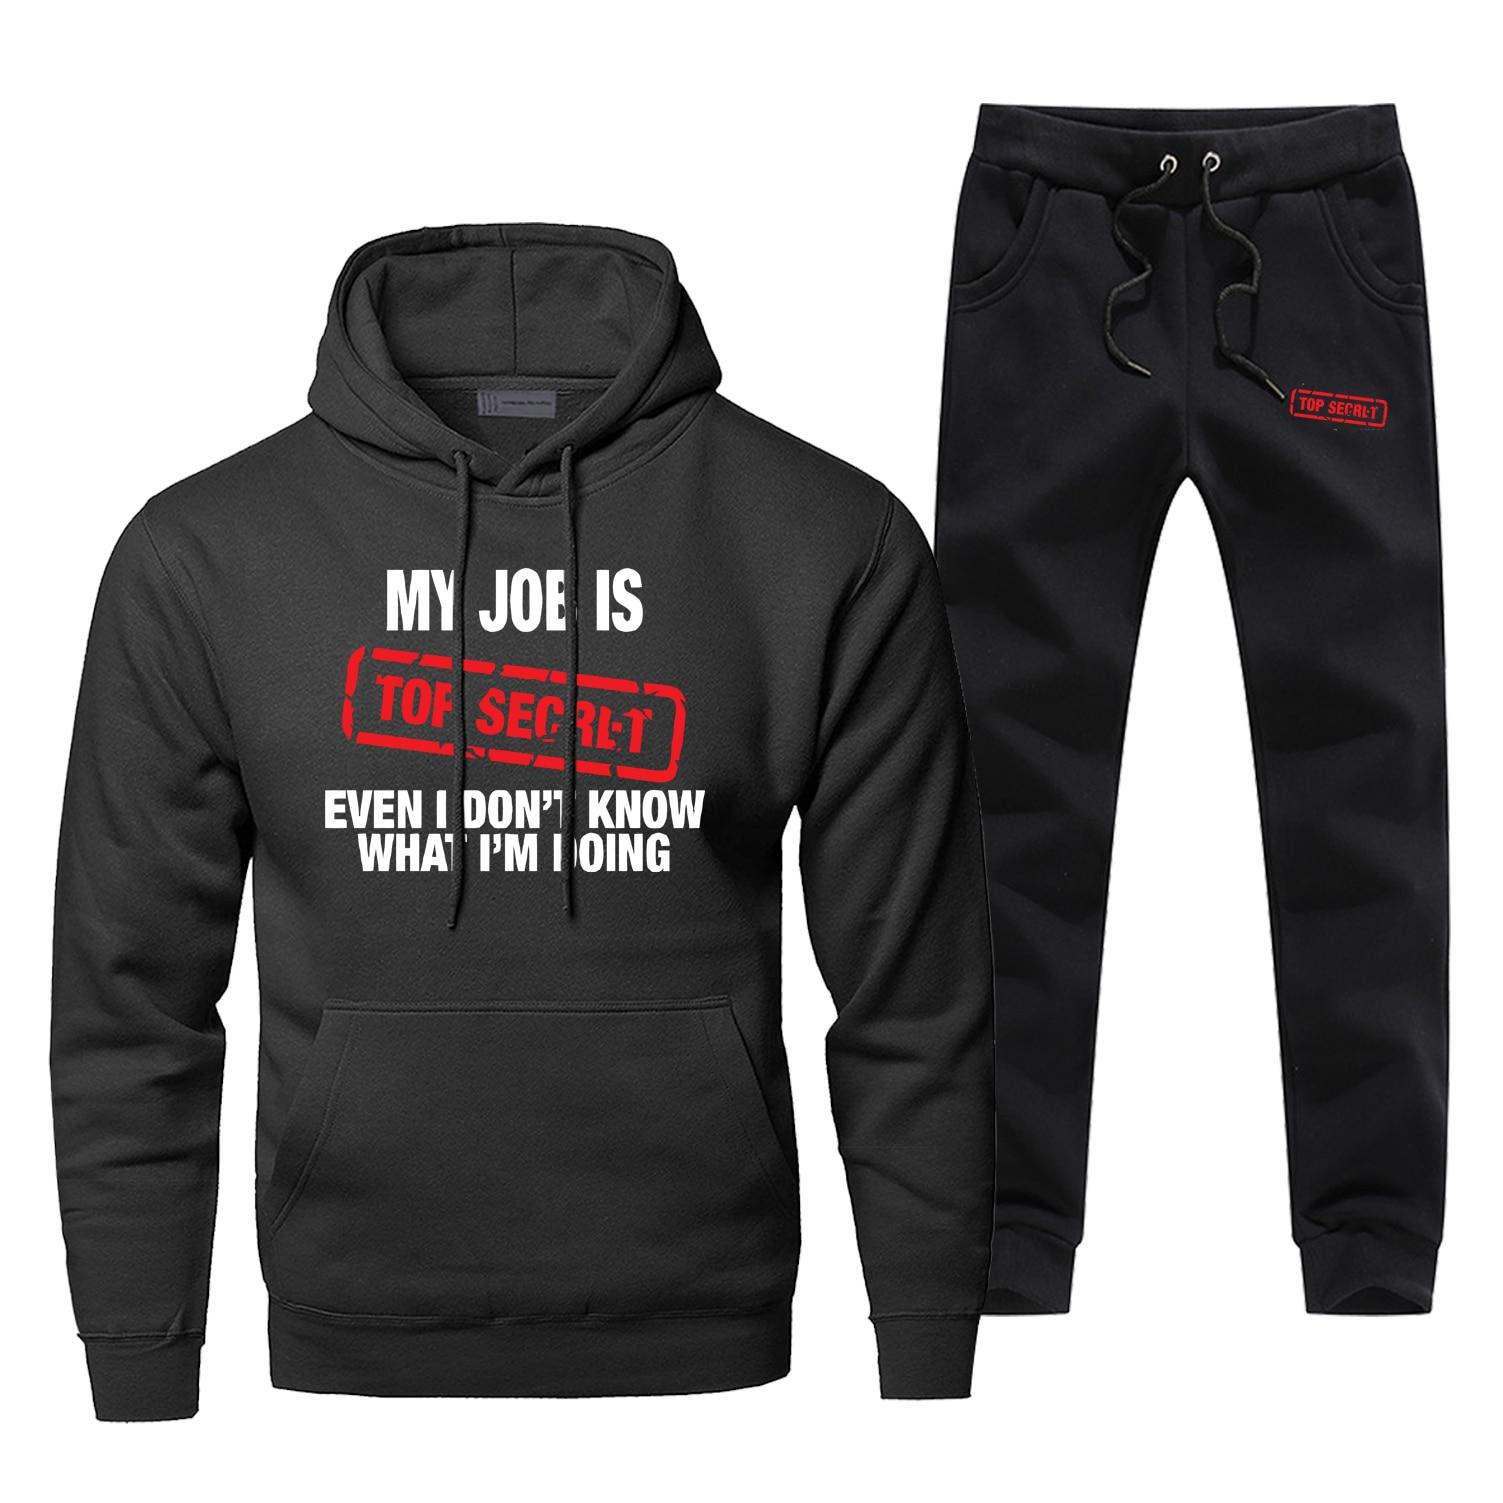 Funny My Job Is Top Secret Hoodies Pants Sets Men Fashion Joke Sweatshirt Men Hip Hop Streetwear Casual Sportswear Sweatpants